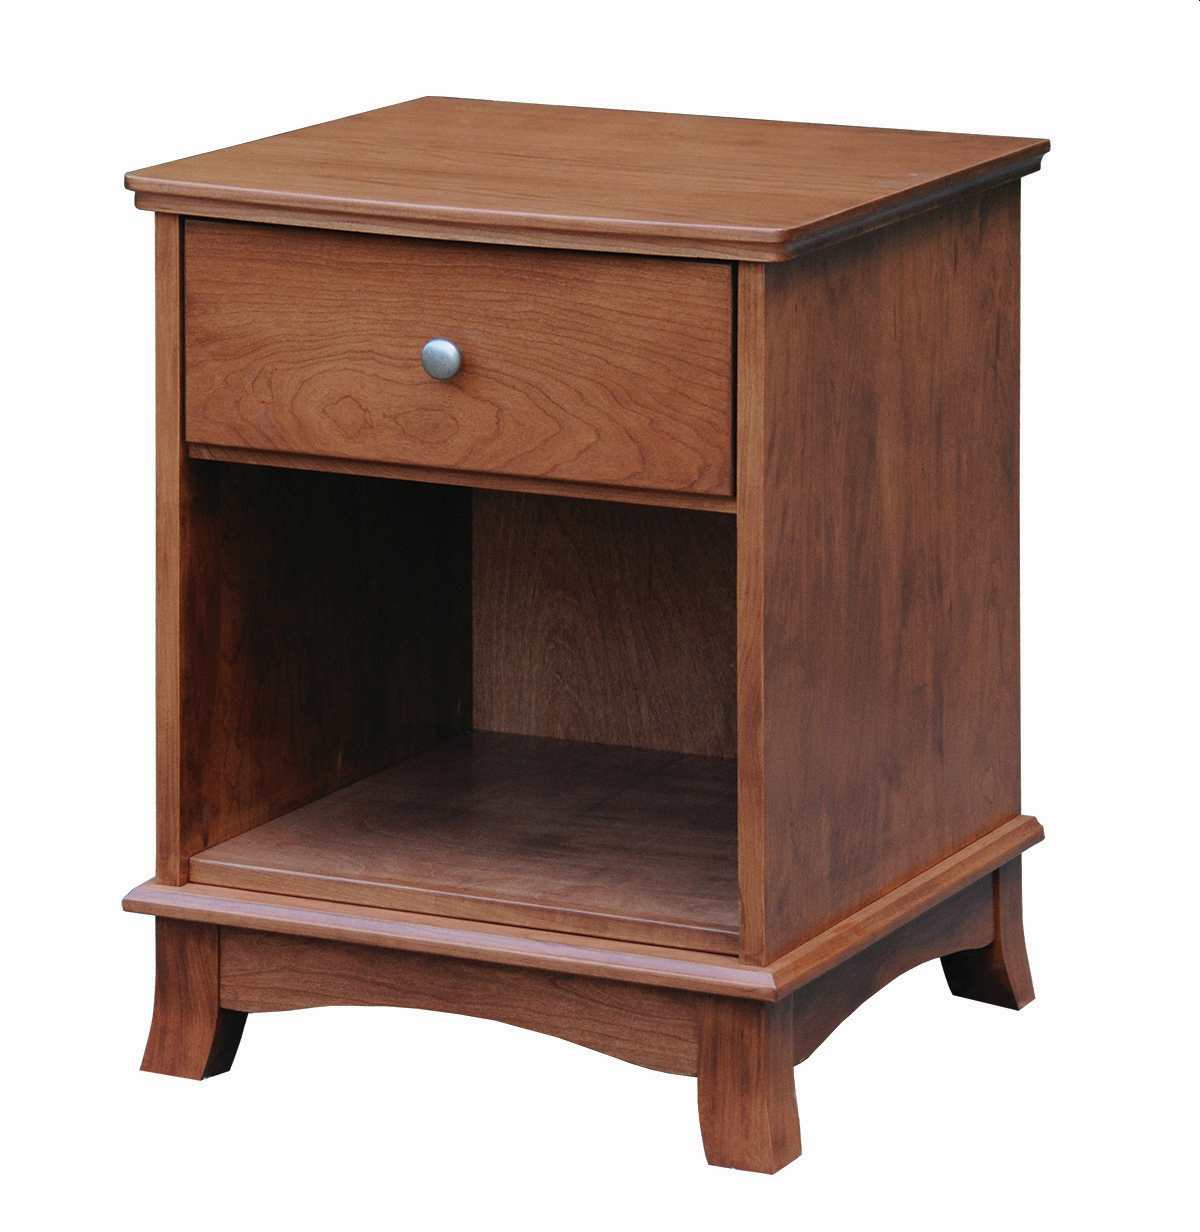 725-1-drawer-nightstand